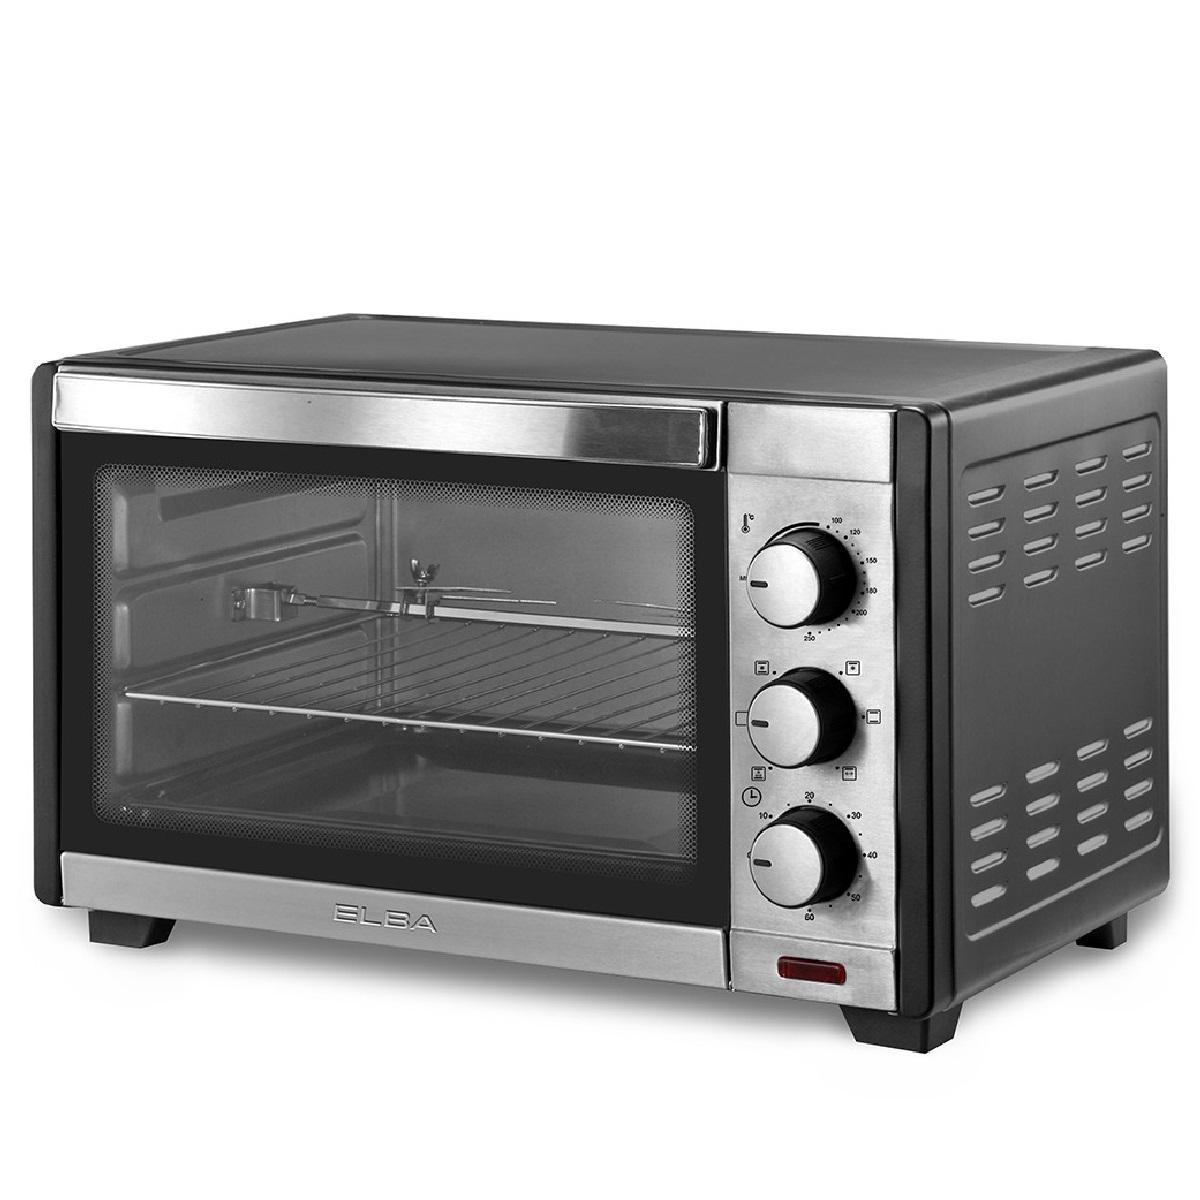 Elba Electric Oven (30L) EEO-D3017